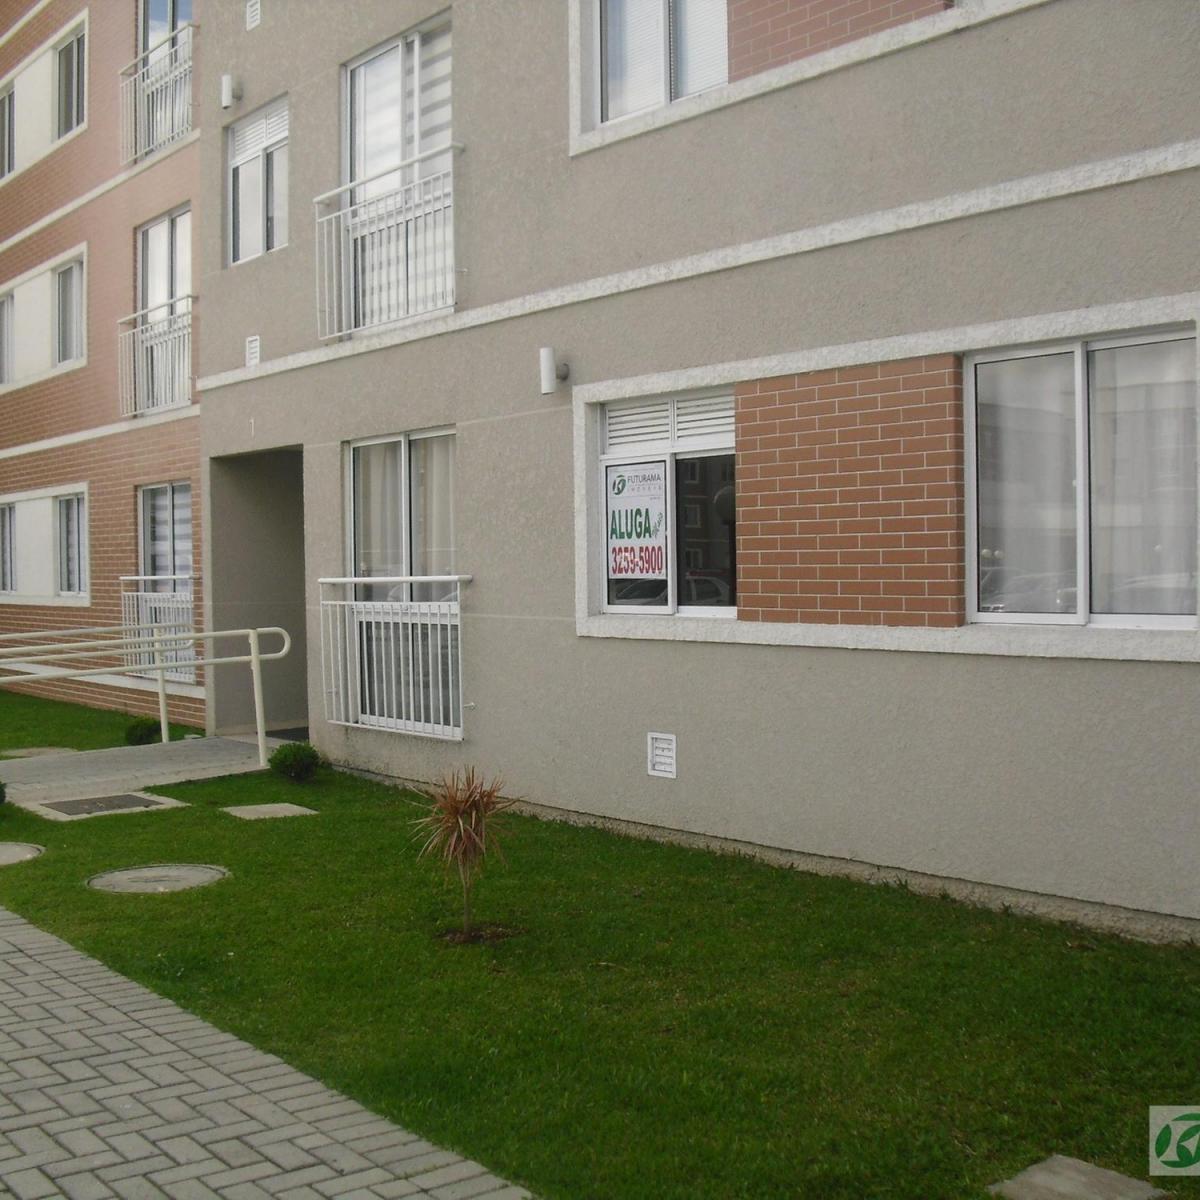 Imagens de #2E3E10  Aluguel Paraná Curitiba Hauer Apartamento para aluguel em Hauer 1200x1200 px 2898 Box Banheiro Hauer